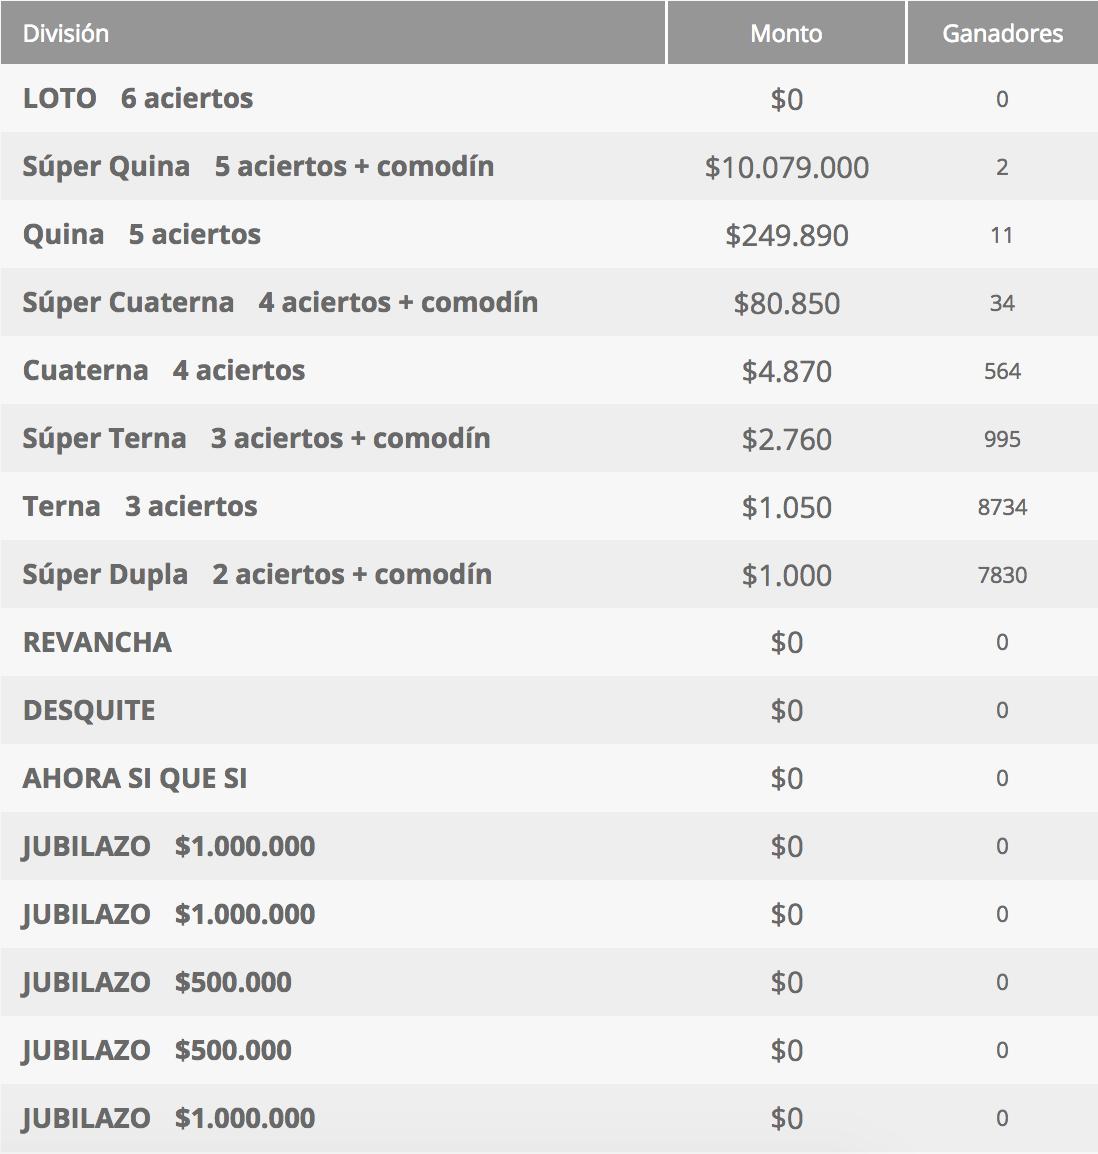 Ganadores Loto Chile Sorteo 4309